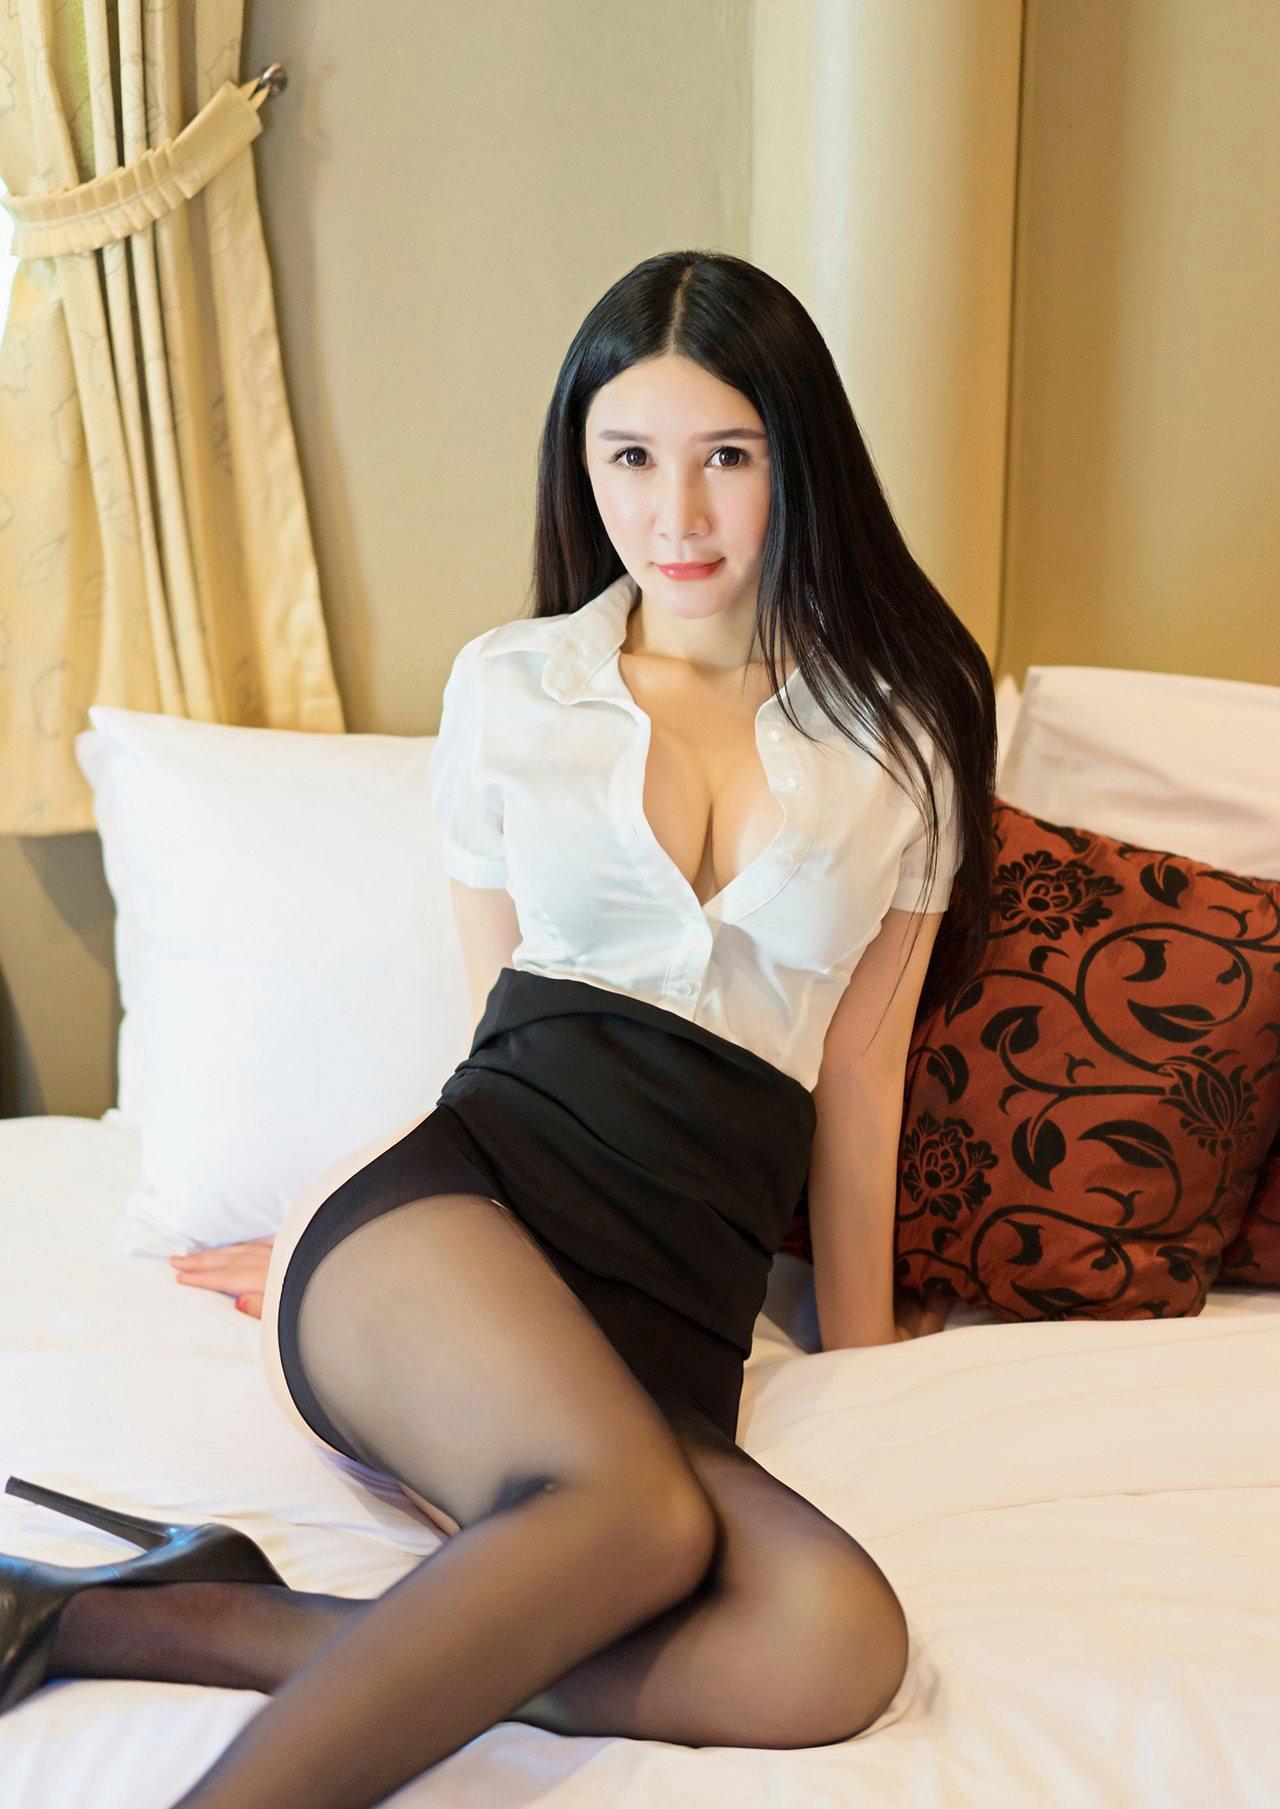 性感美女妈妈网新闻_性感爆乳美女黑丝诱惑写真图片_图片新闻_东方头条